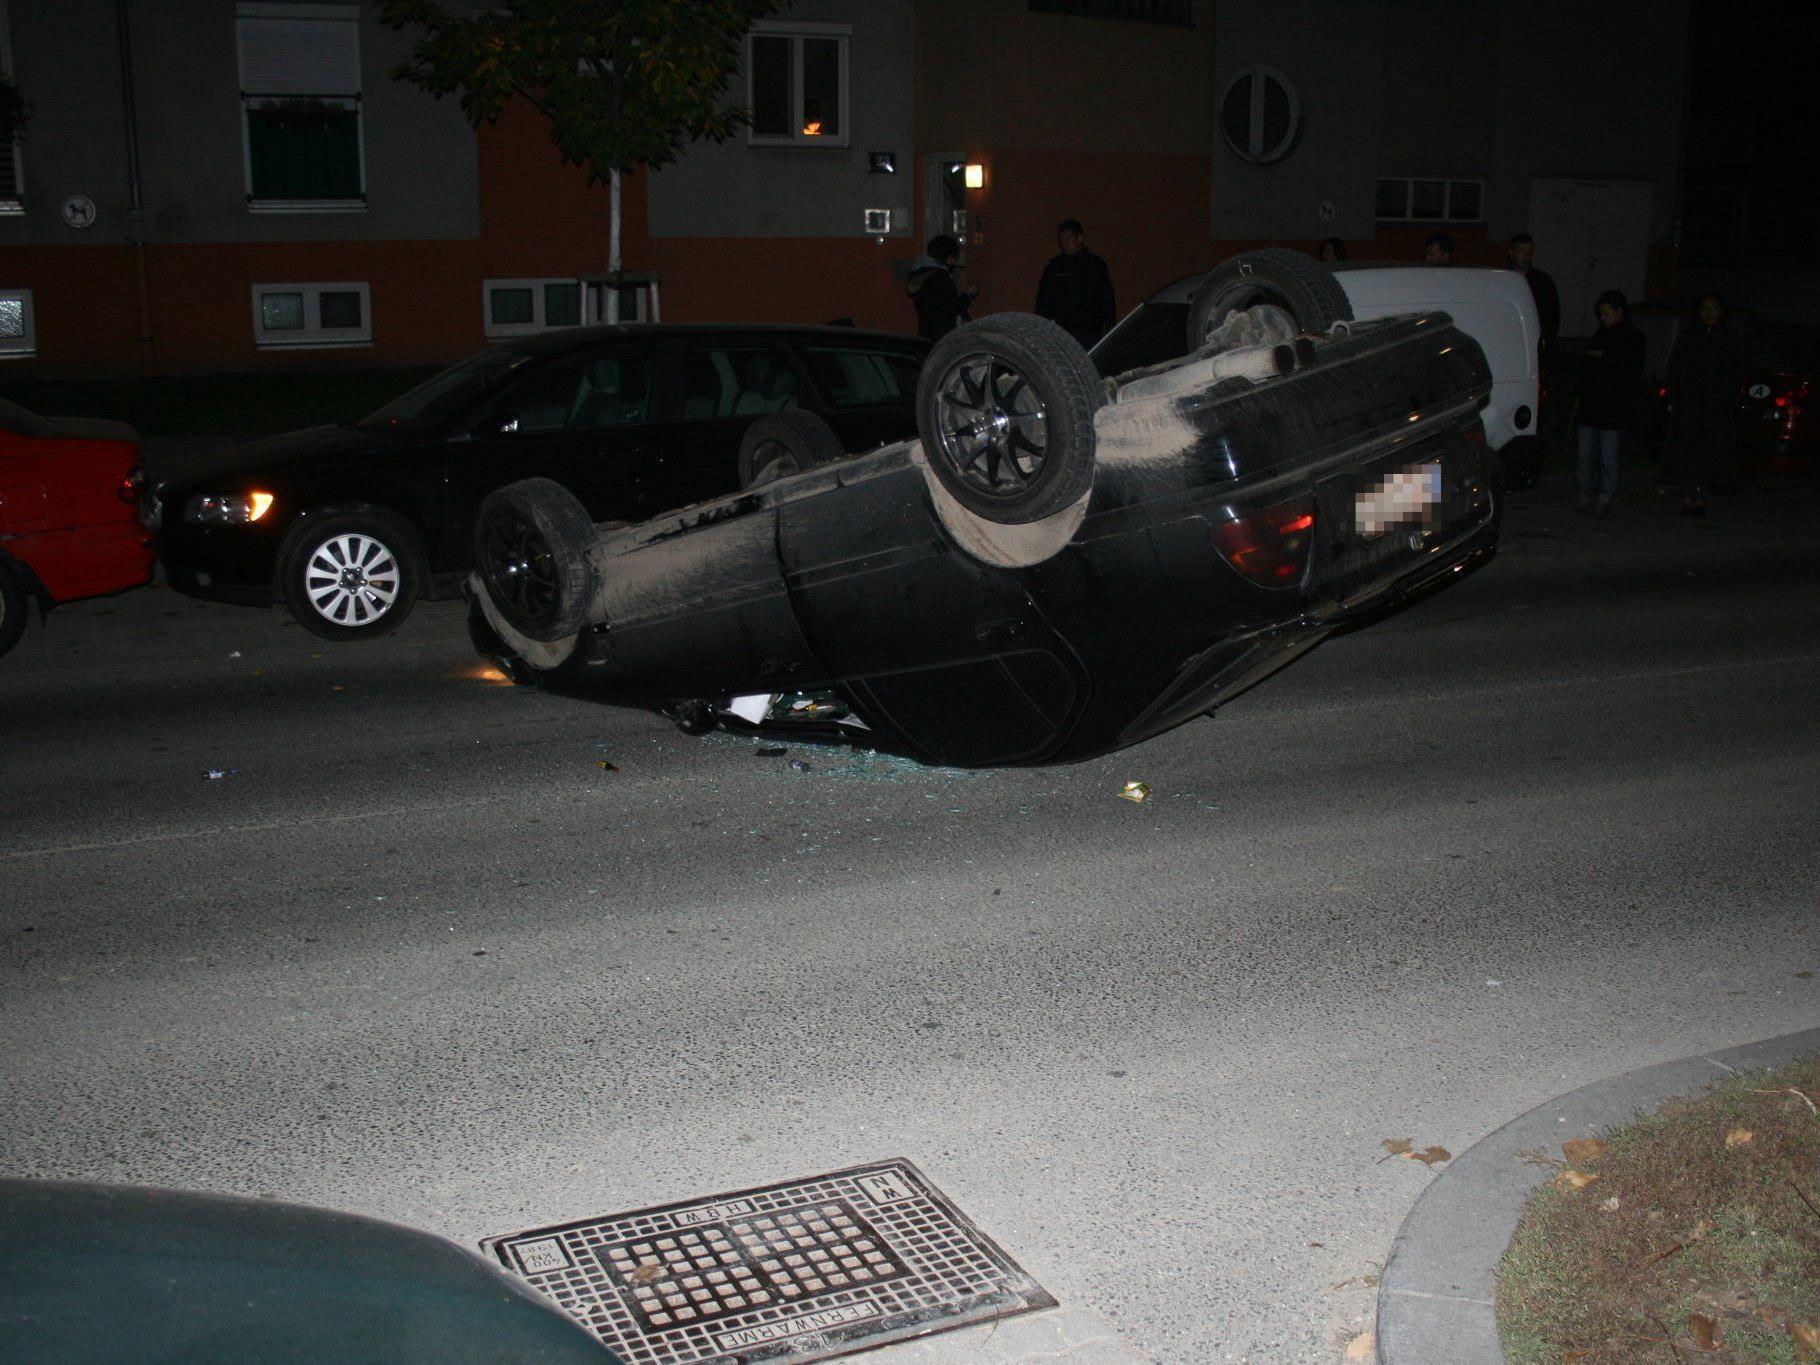 Unser Leserreporter fotografierte den spektakulären verkehrsunfall auf der Otto Probst Straße.